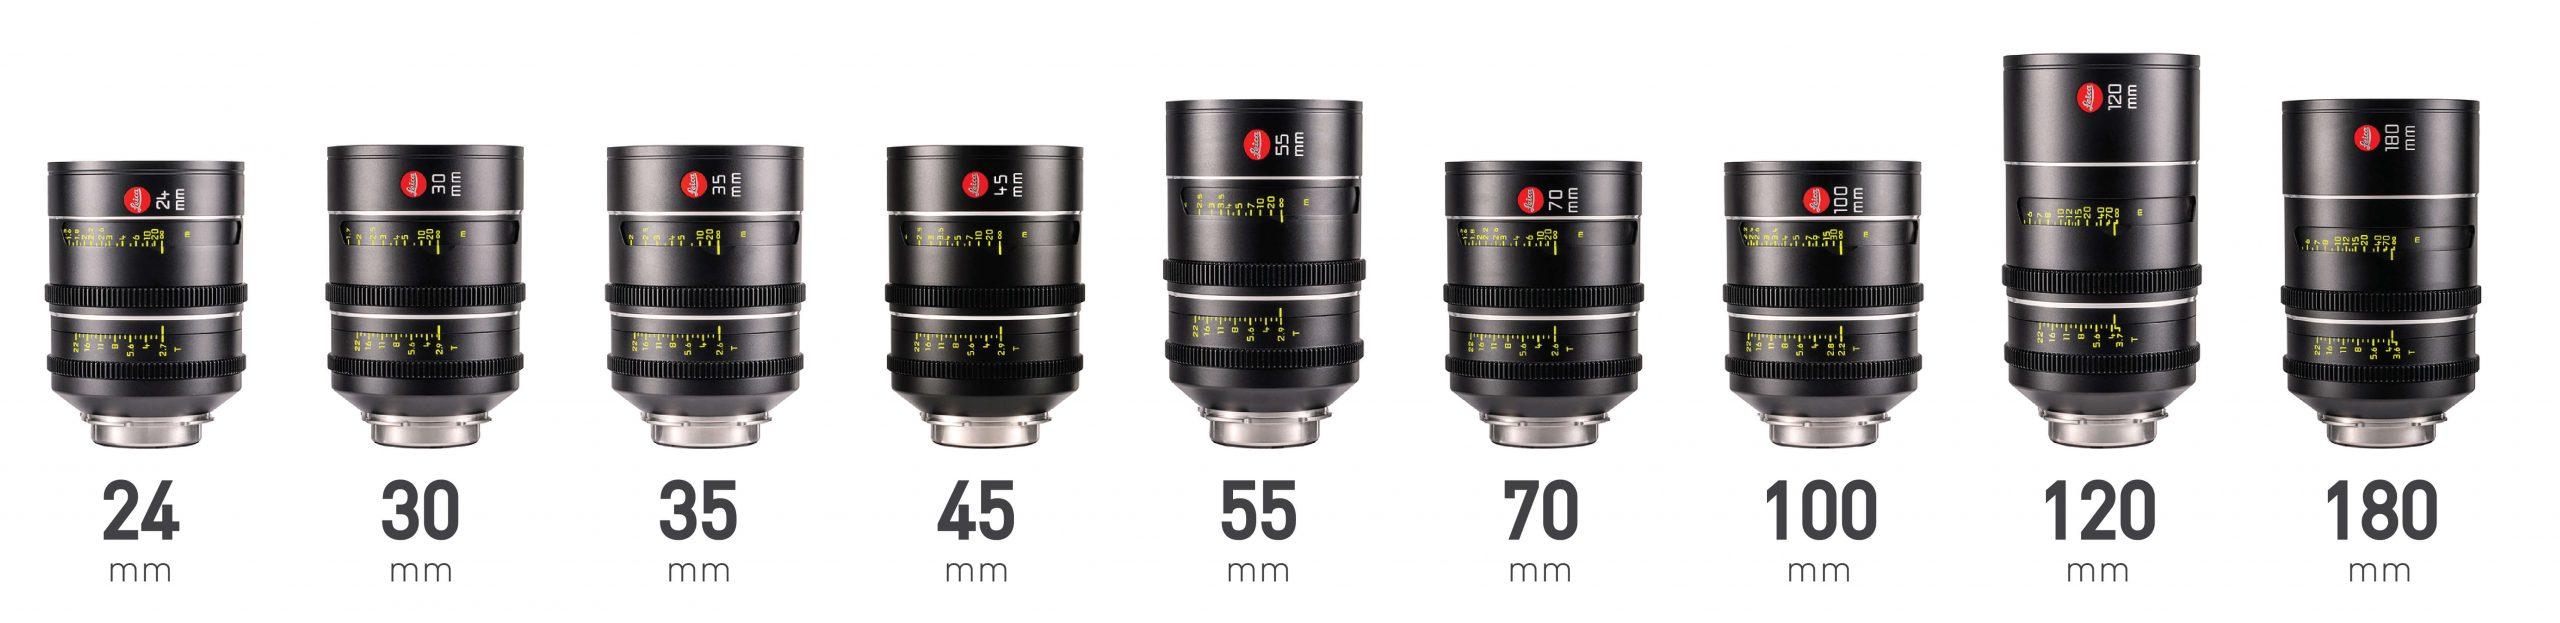 Leica Leitz Thalia large format lenses